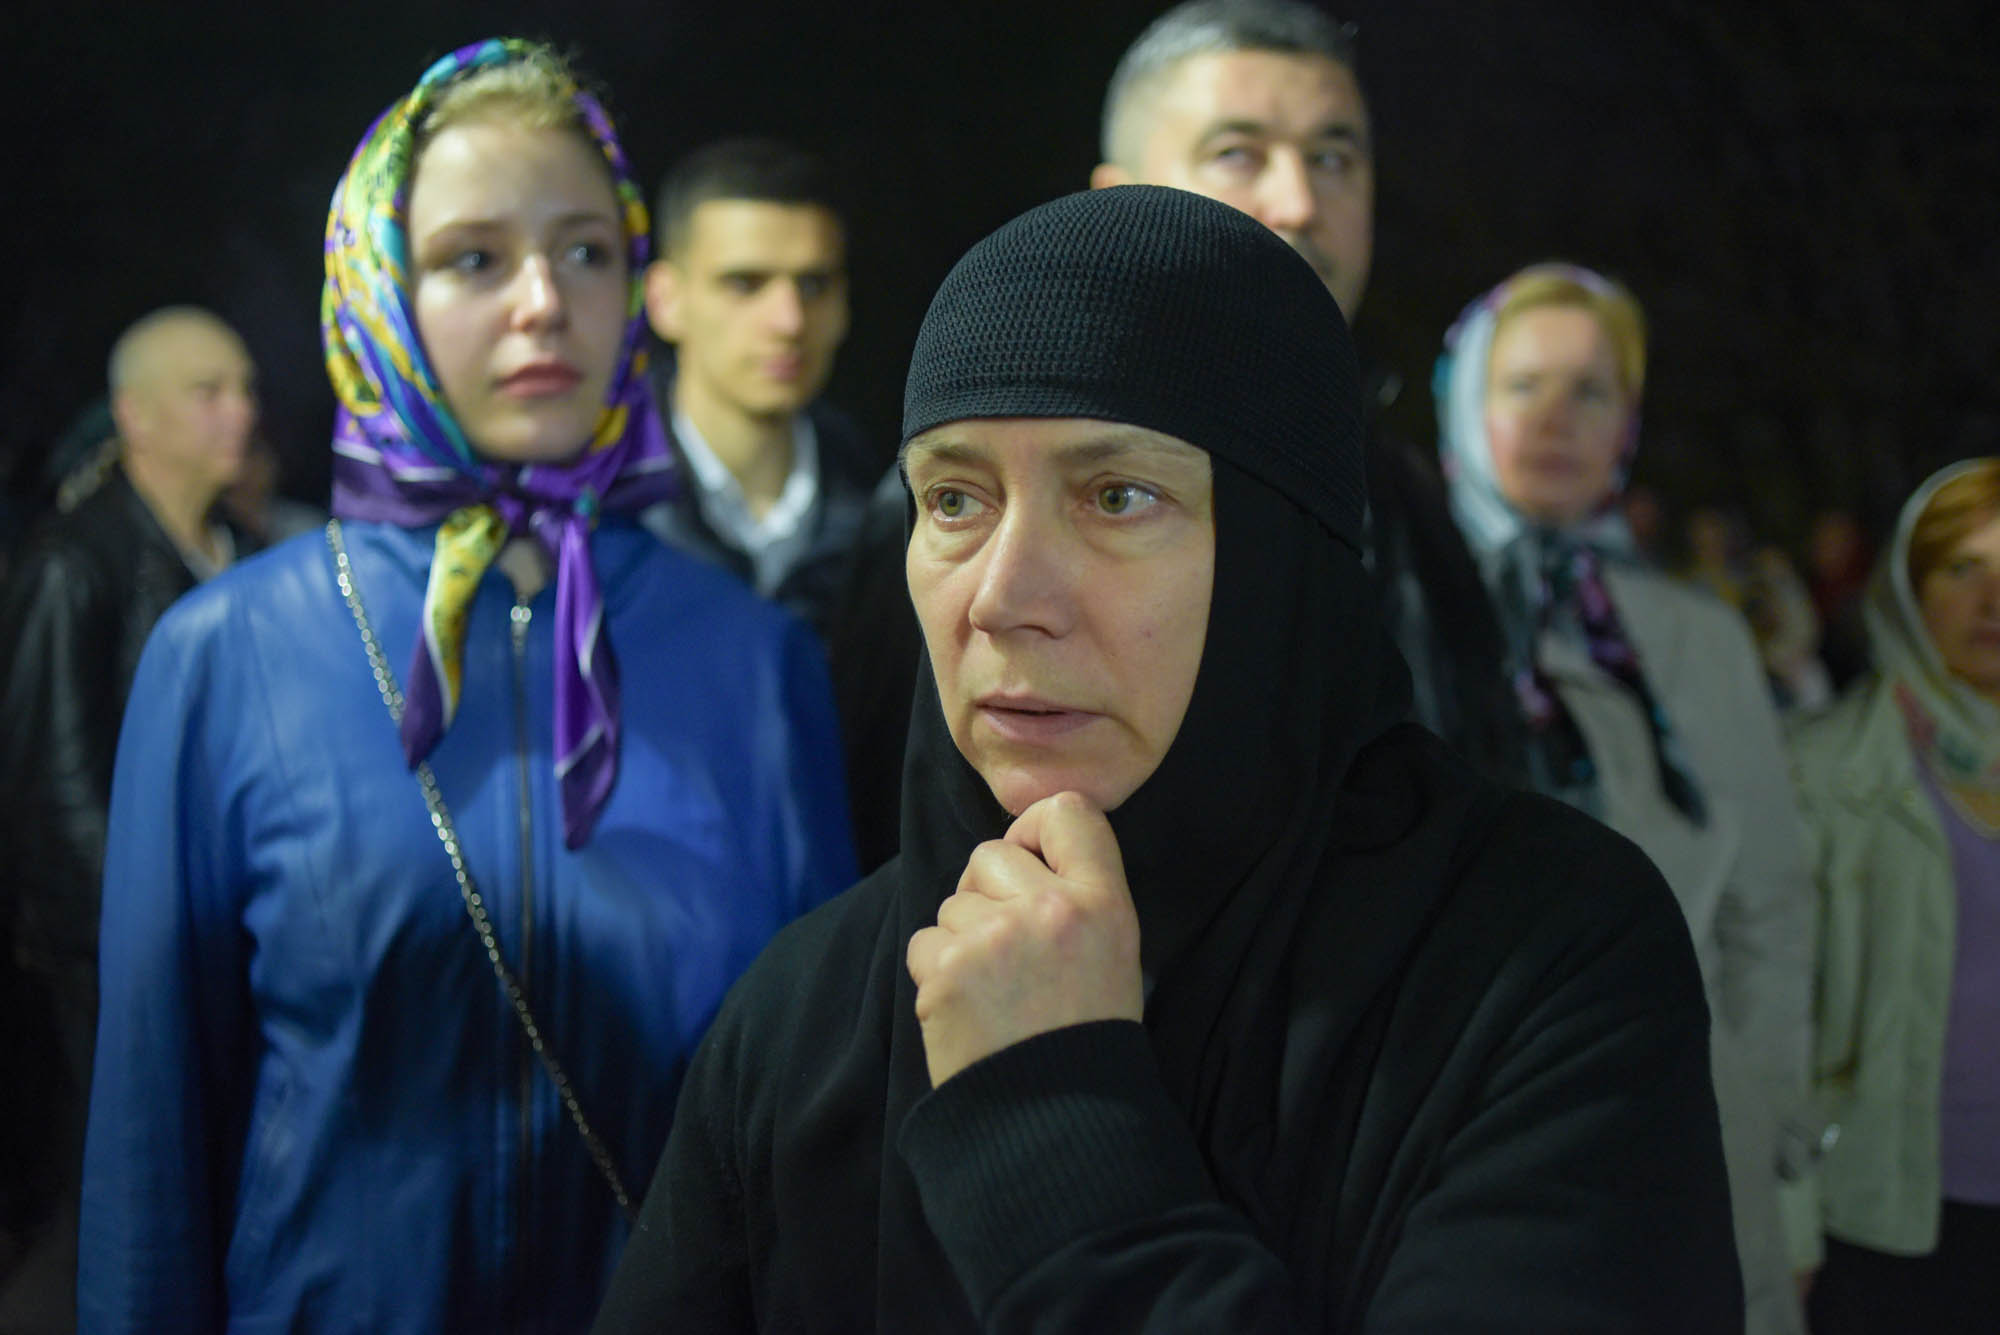 Orthodox photography Sergey Ryzhkov 8798